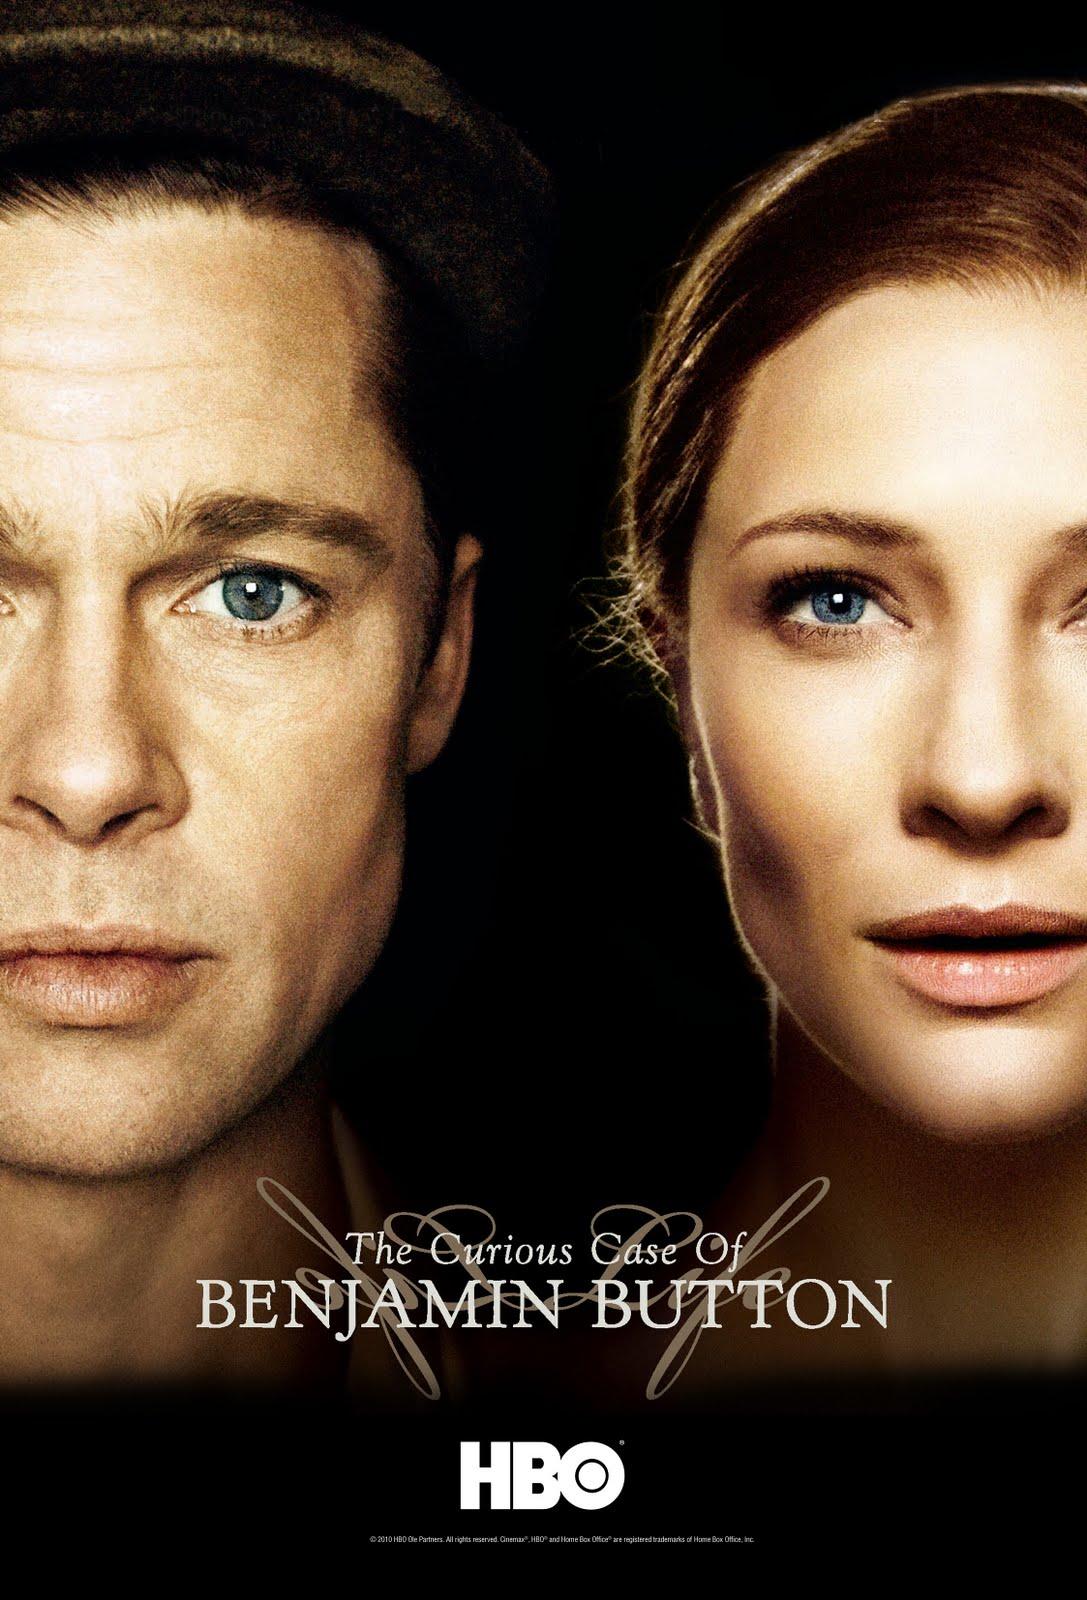 http://1.bp.blogspot.com/_GTM031jHyXI/S64zH639iEI/AAAAAAAAAyU/UpKn4Uawpl4/s1600/Benjamin+Button.jpg